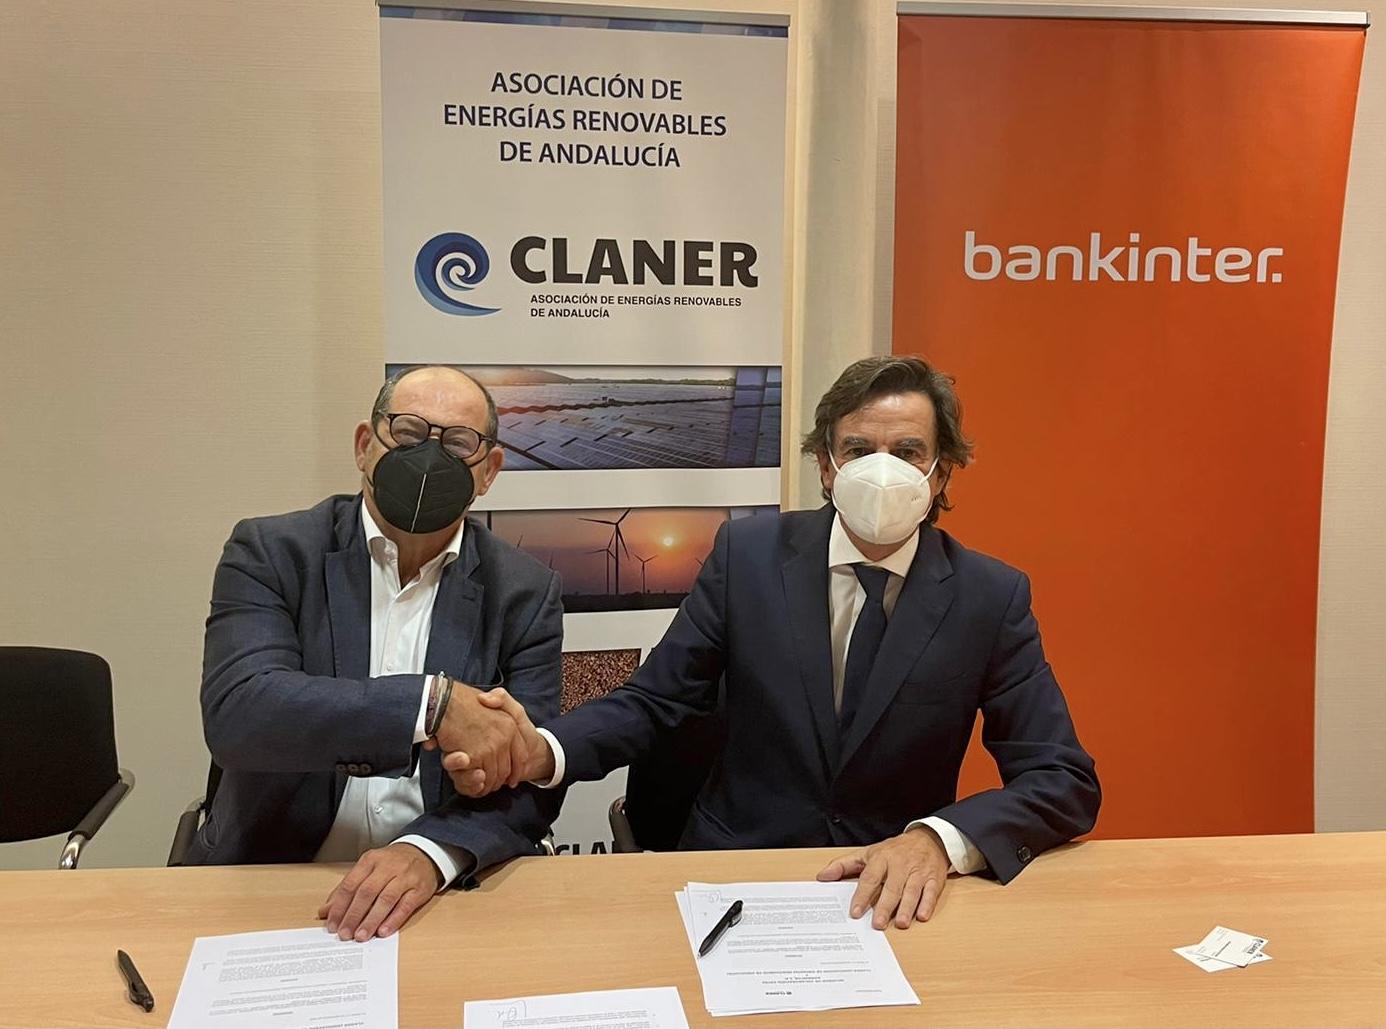 Bankinter y CLANER firman un acuerdo para financiar proyectos de energías renovables